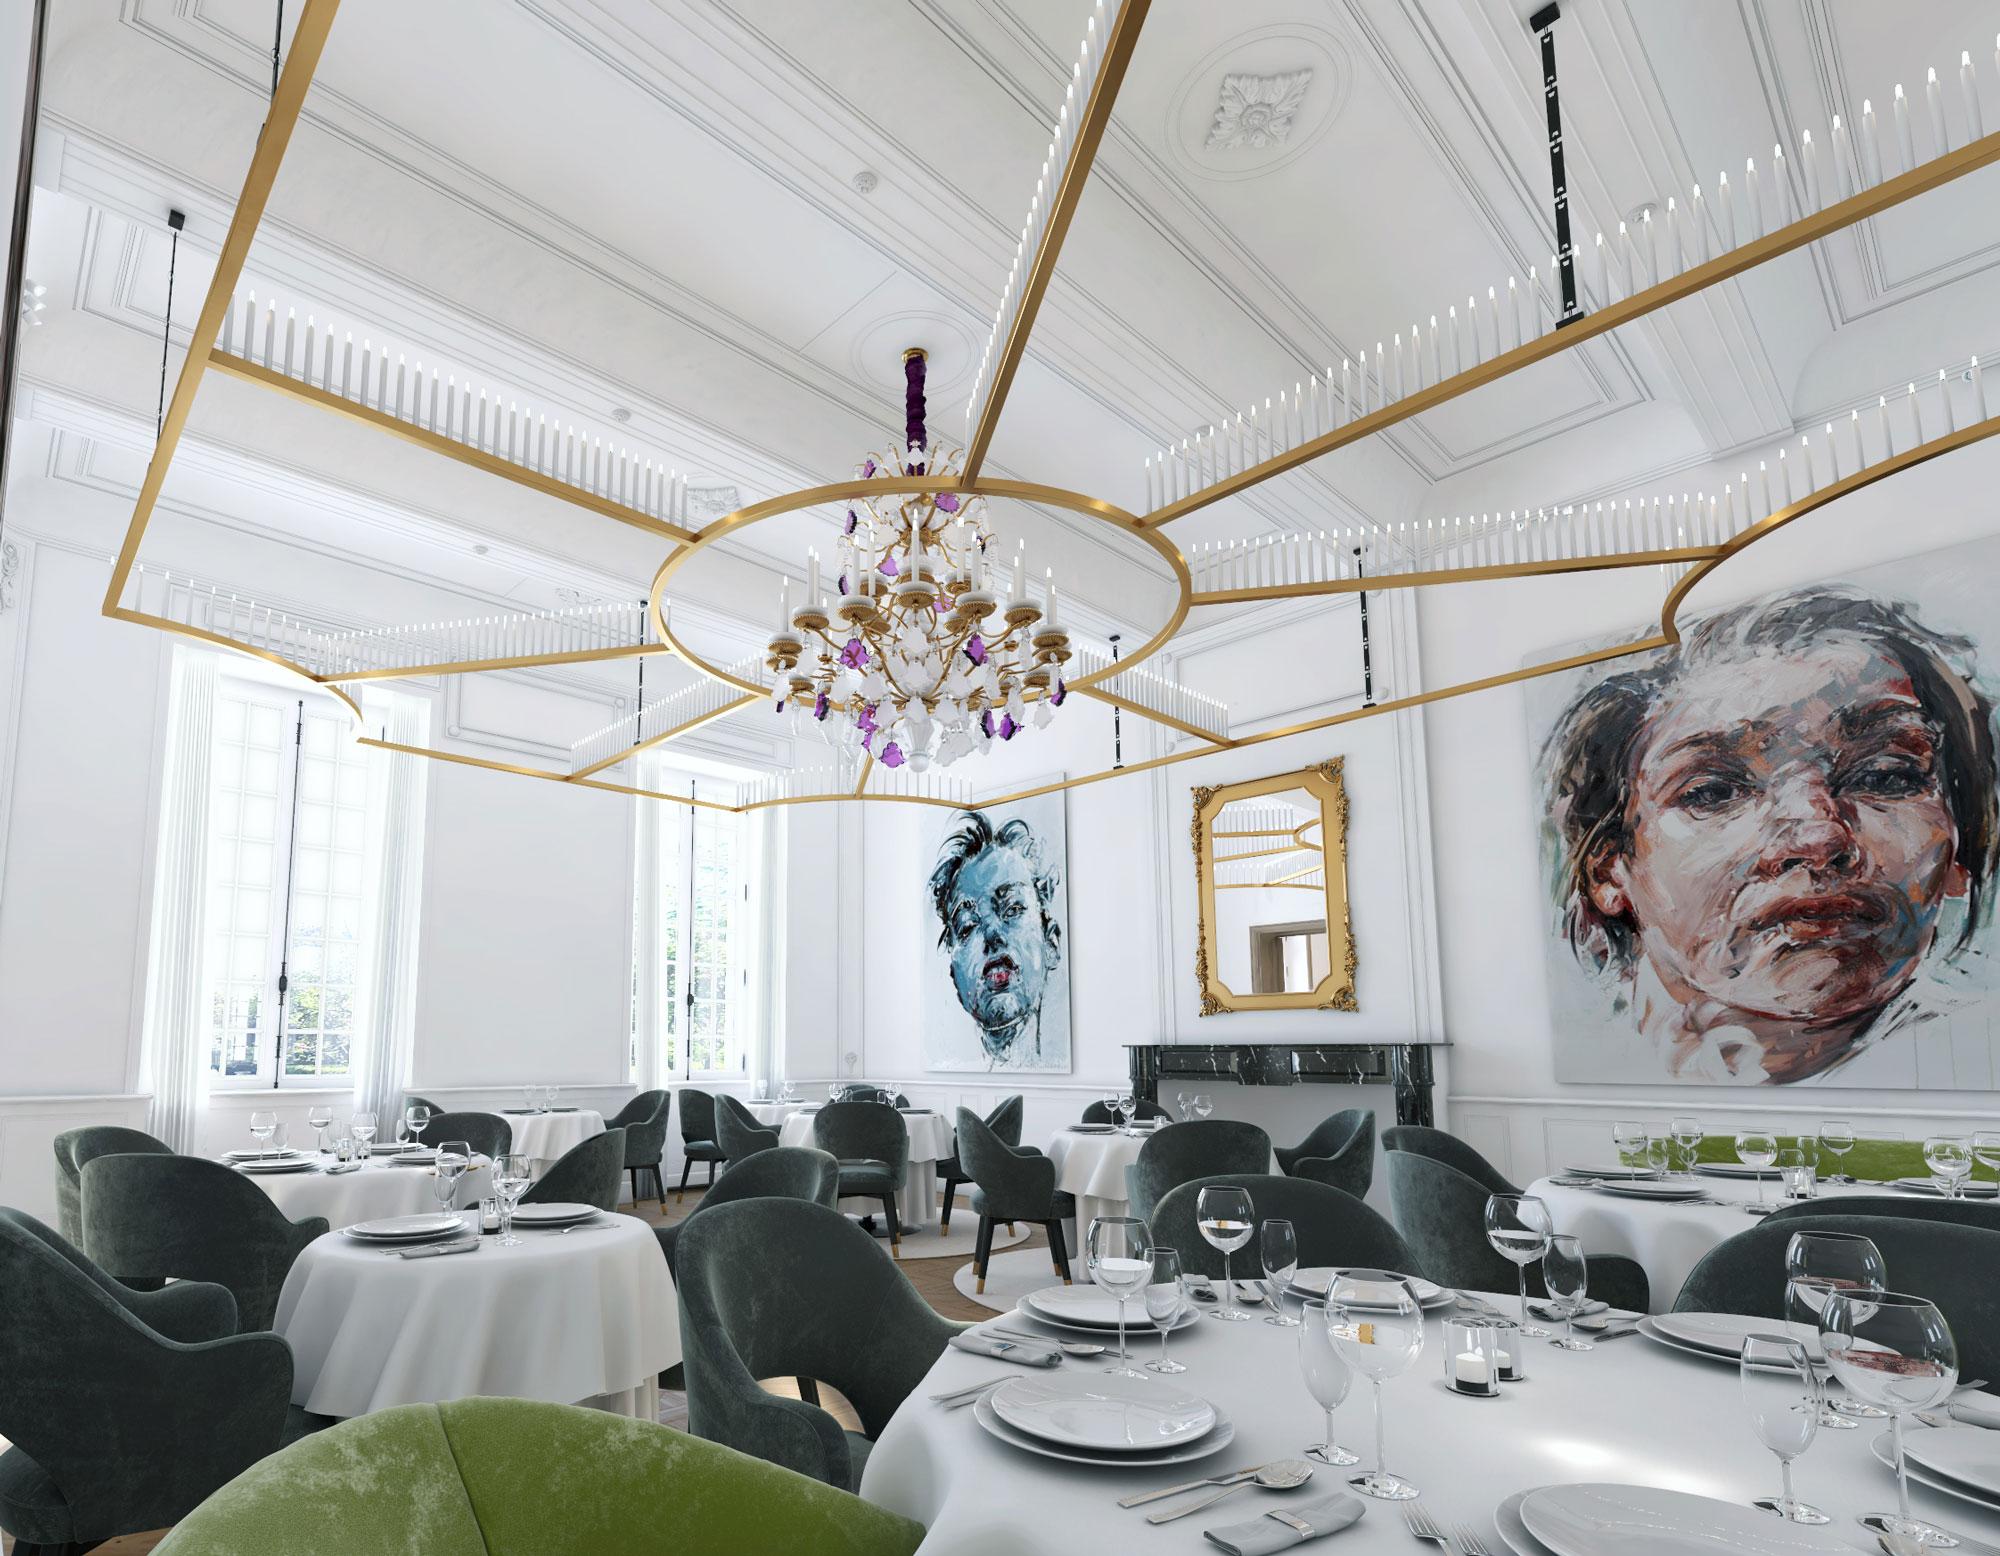 Chateau de la gaude Restaurant